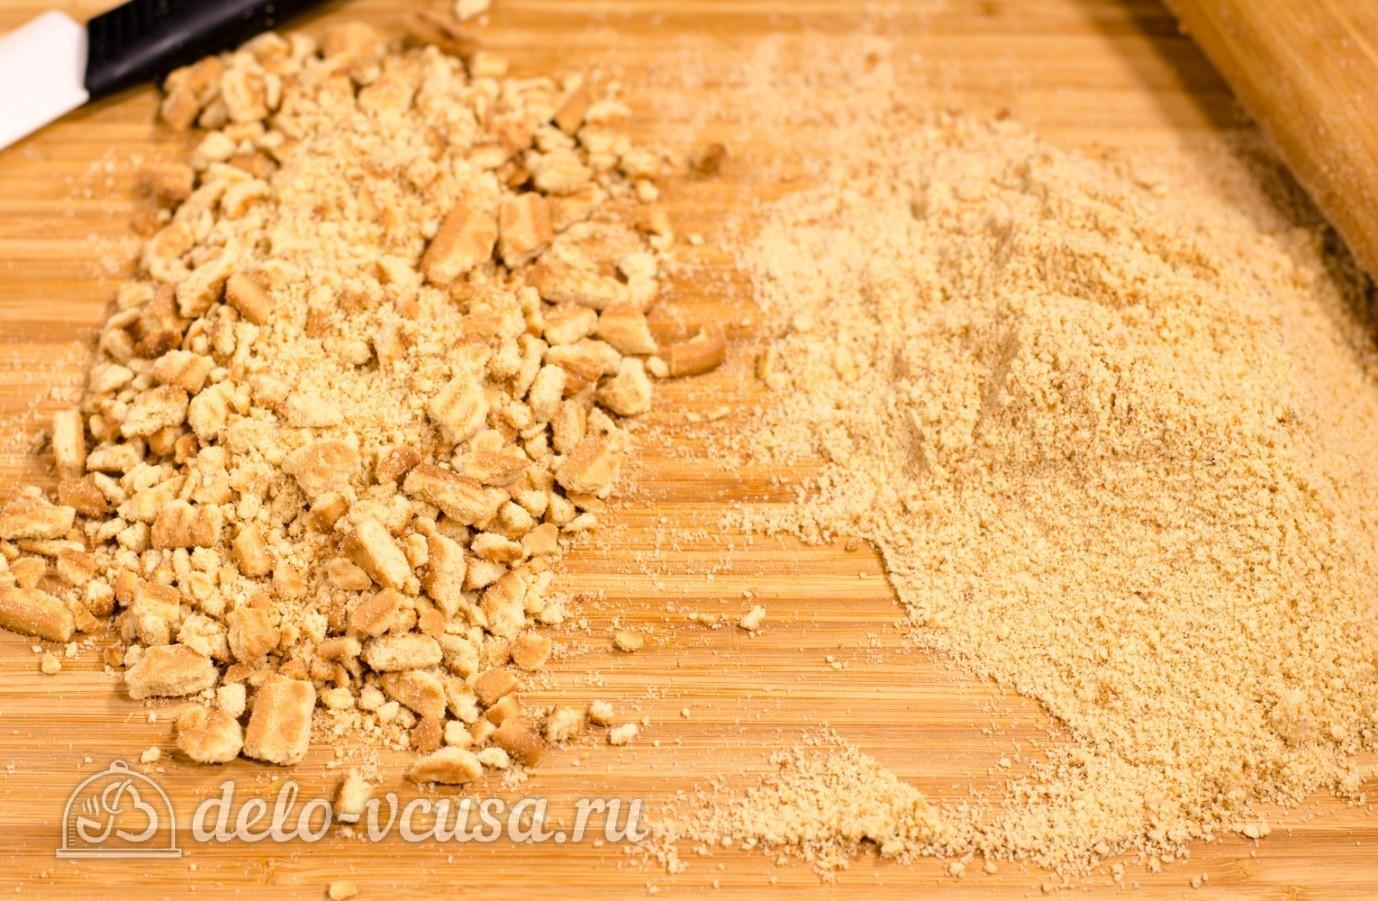 Как приготовить колбаску из печенья